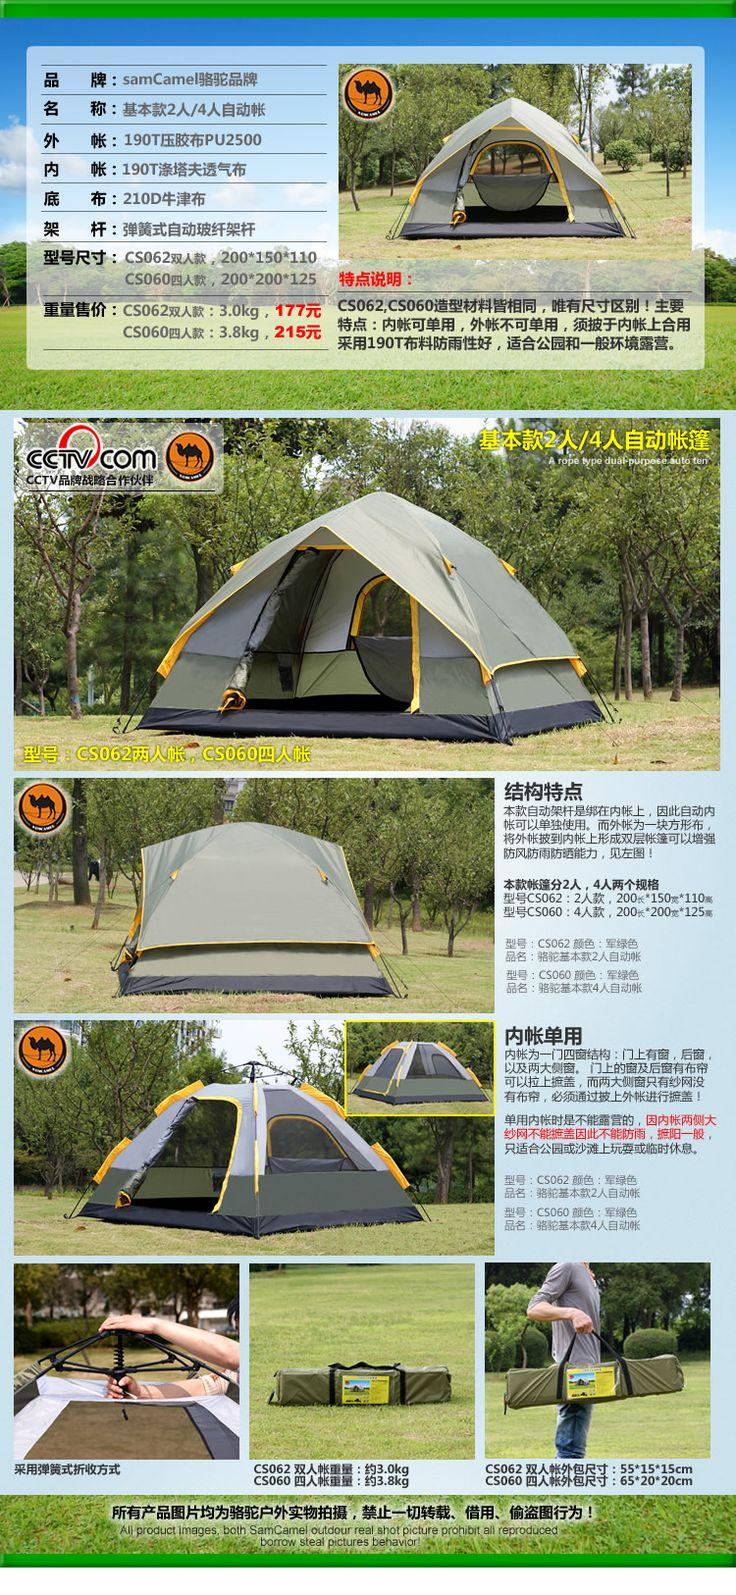 Верблюдах на открытом воздухе кемпинга автоматическая палатка 3-4 человек многопользовательский двойной двухъярусная открытая палатка кемпинг набор - Taobao